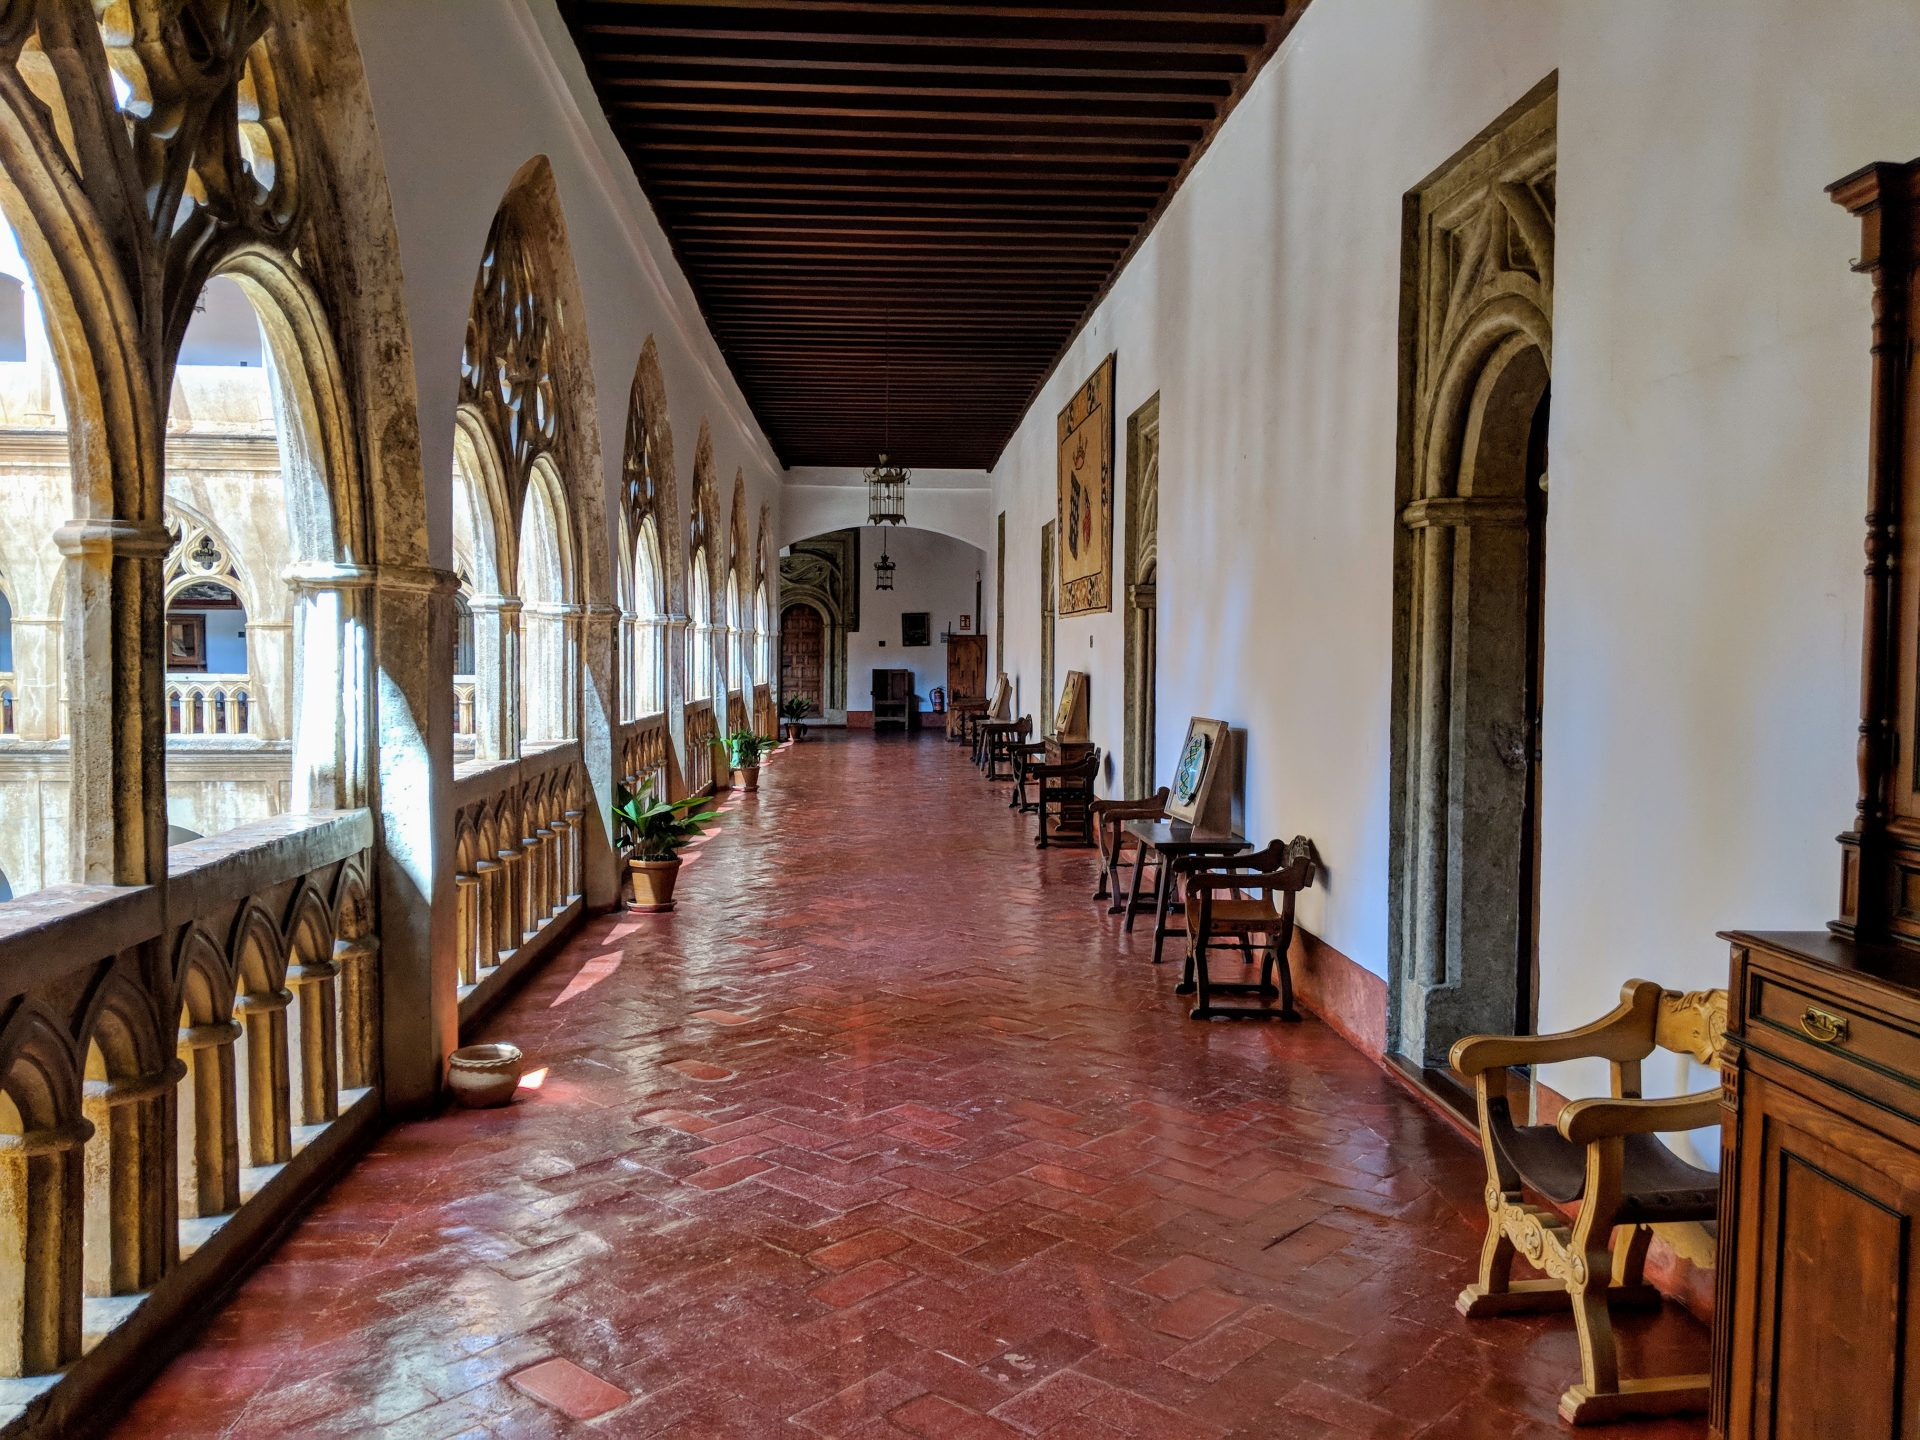 The tiled corridor at the Hospedería. Credits: Peter Barron